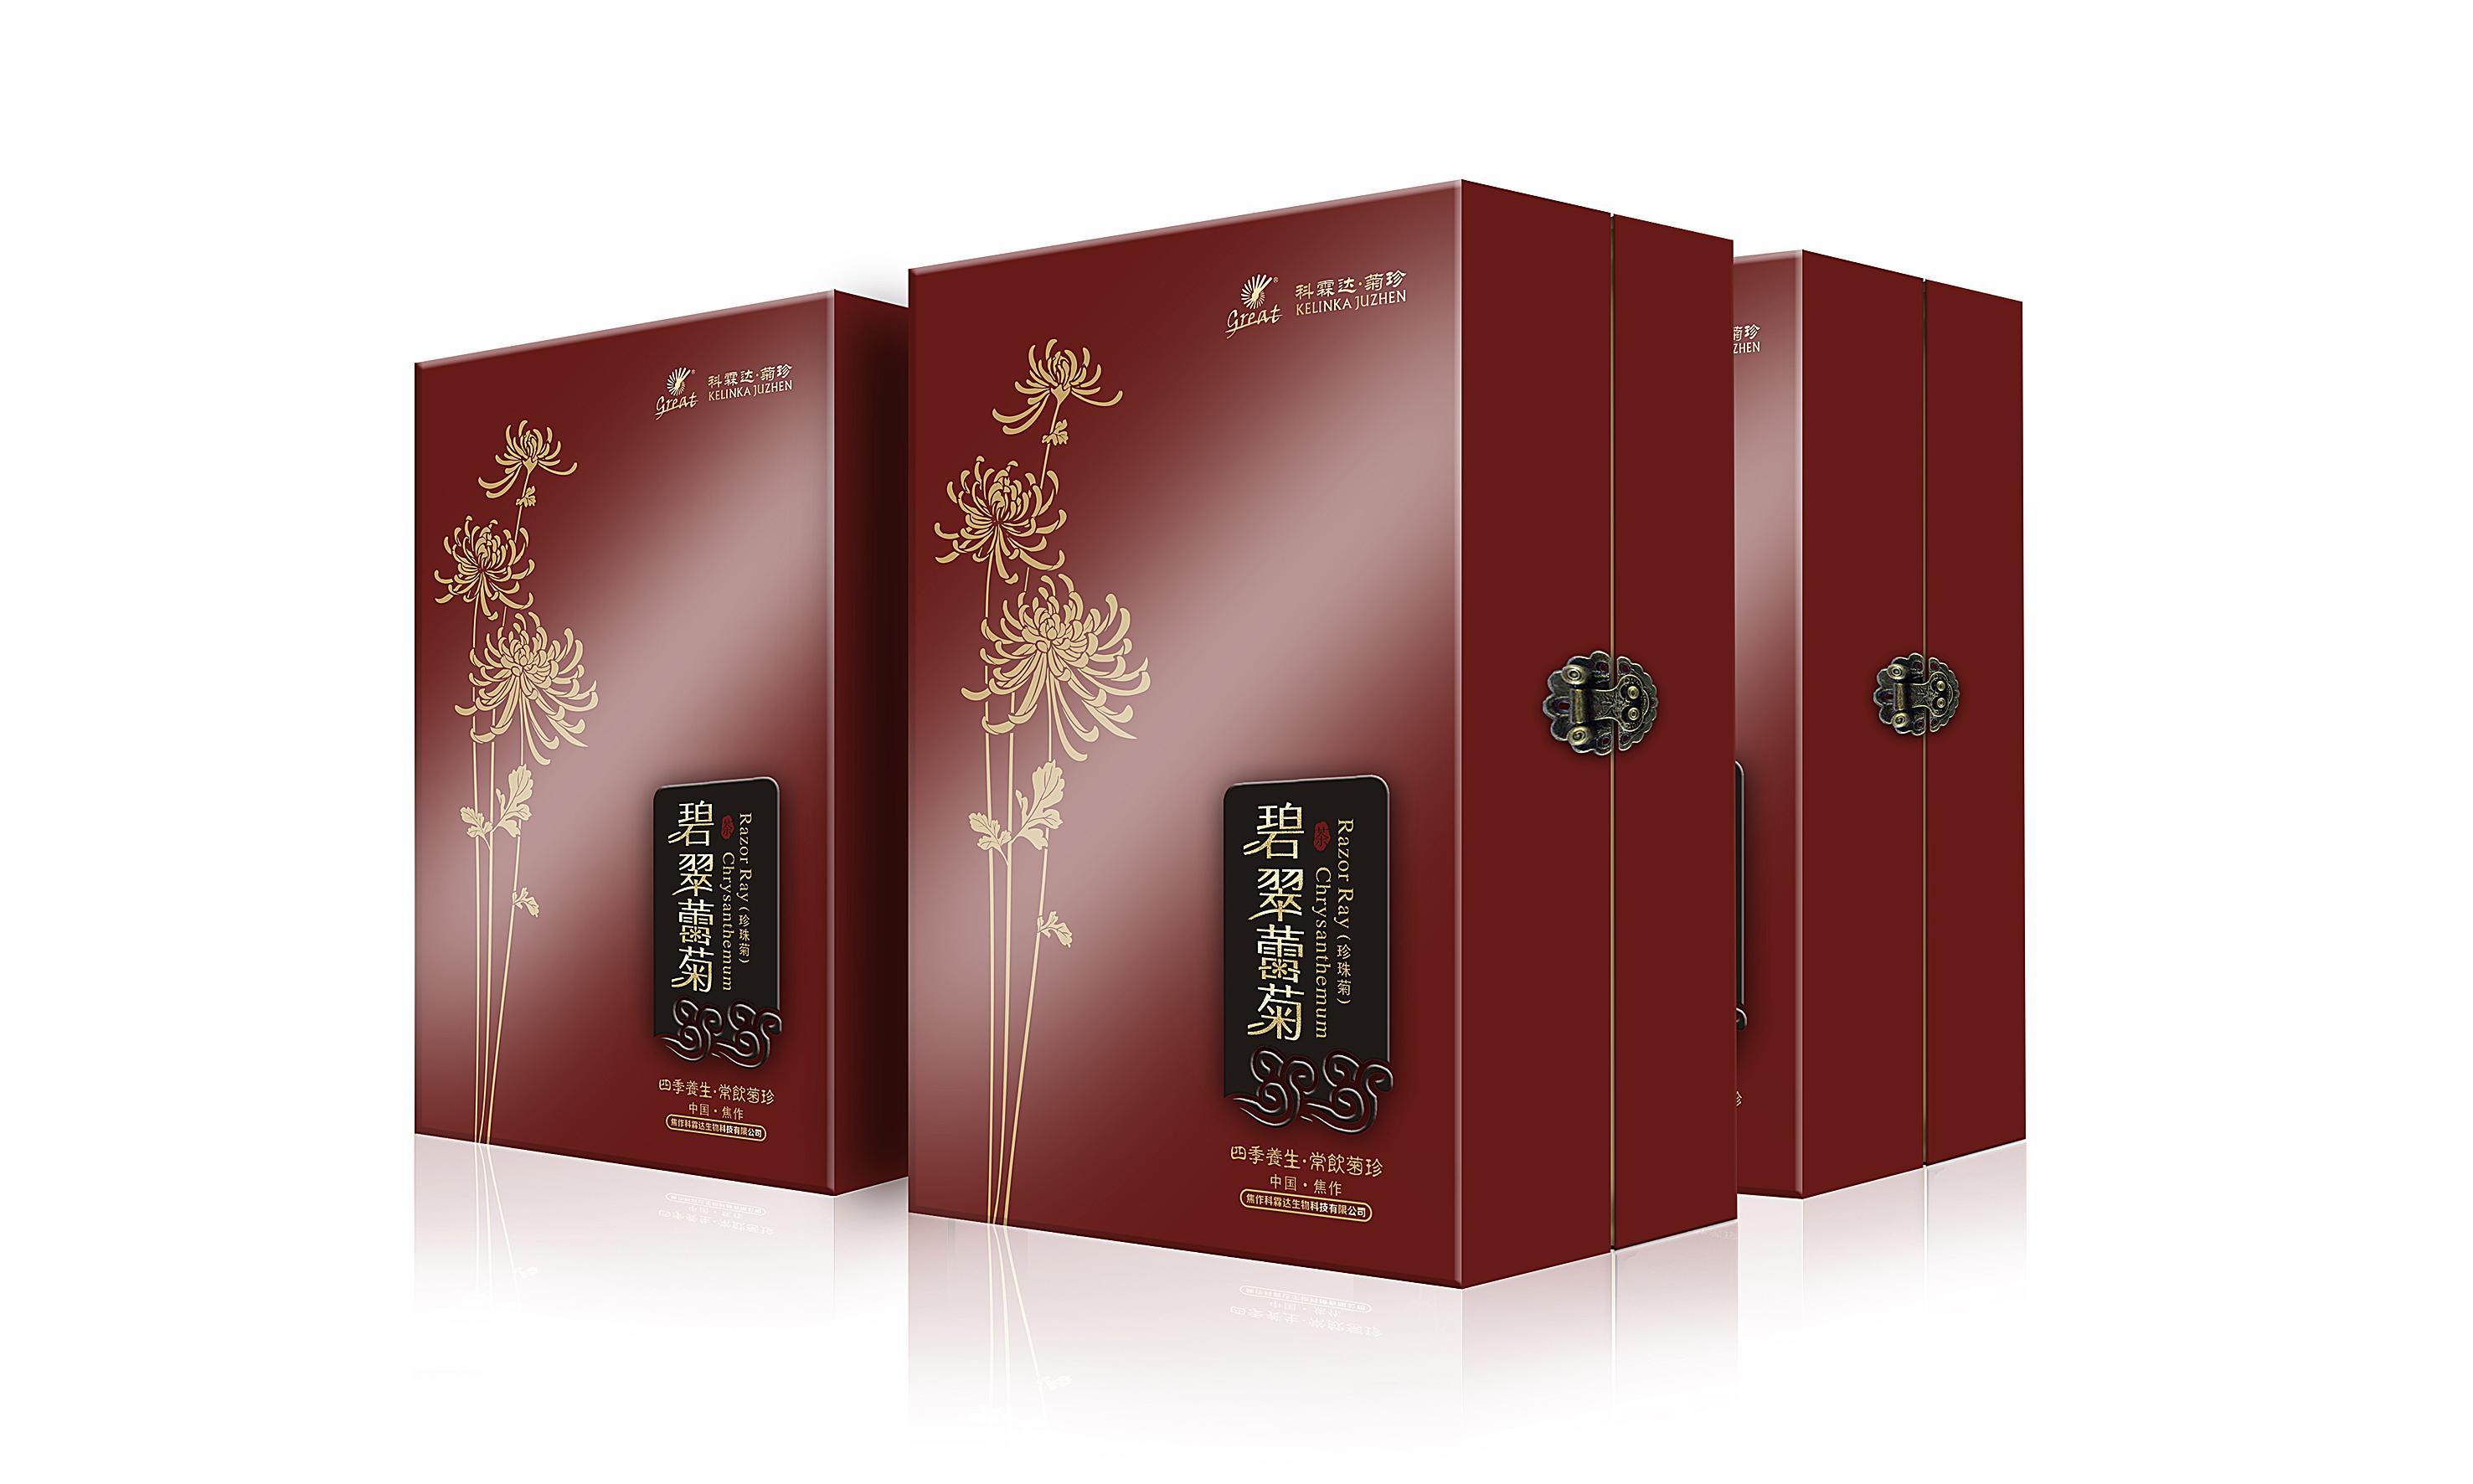 茶叶设计(菊珍)